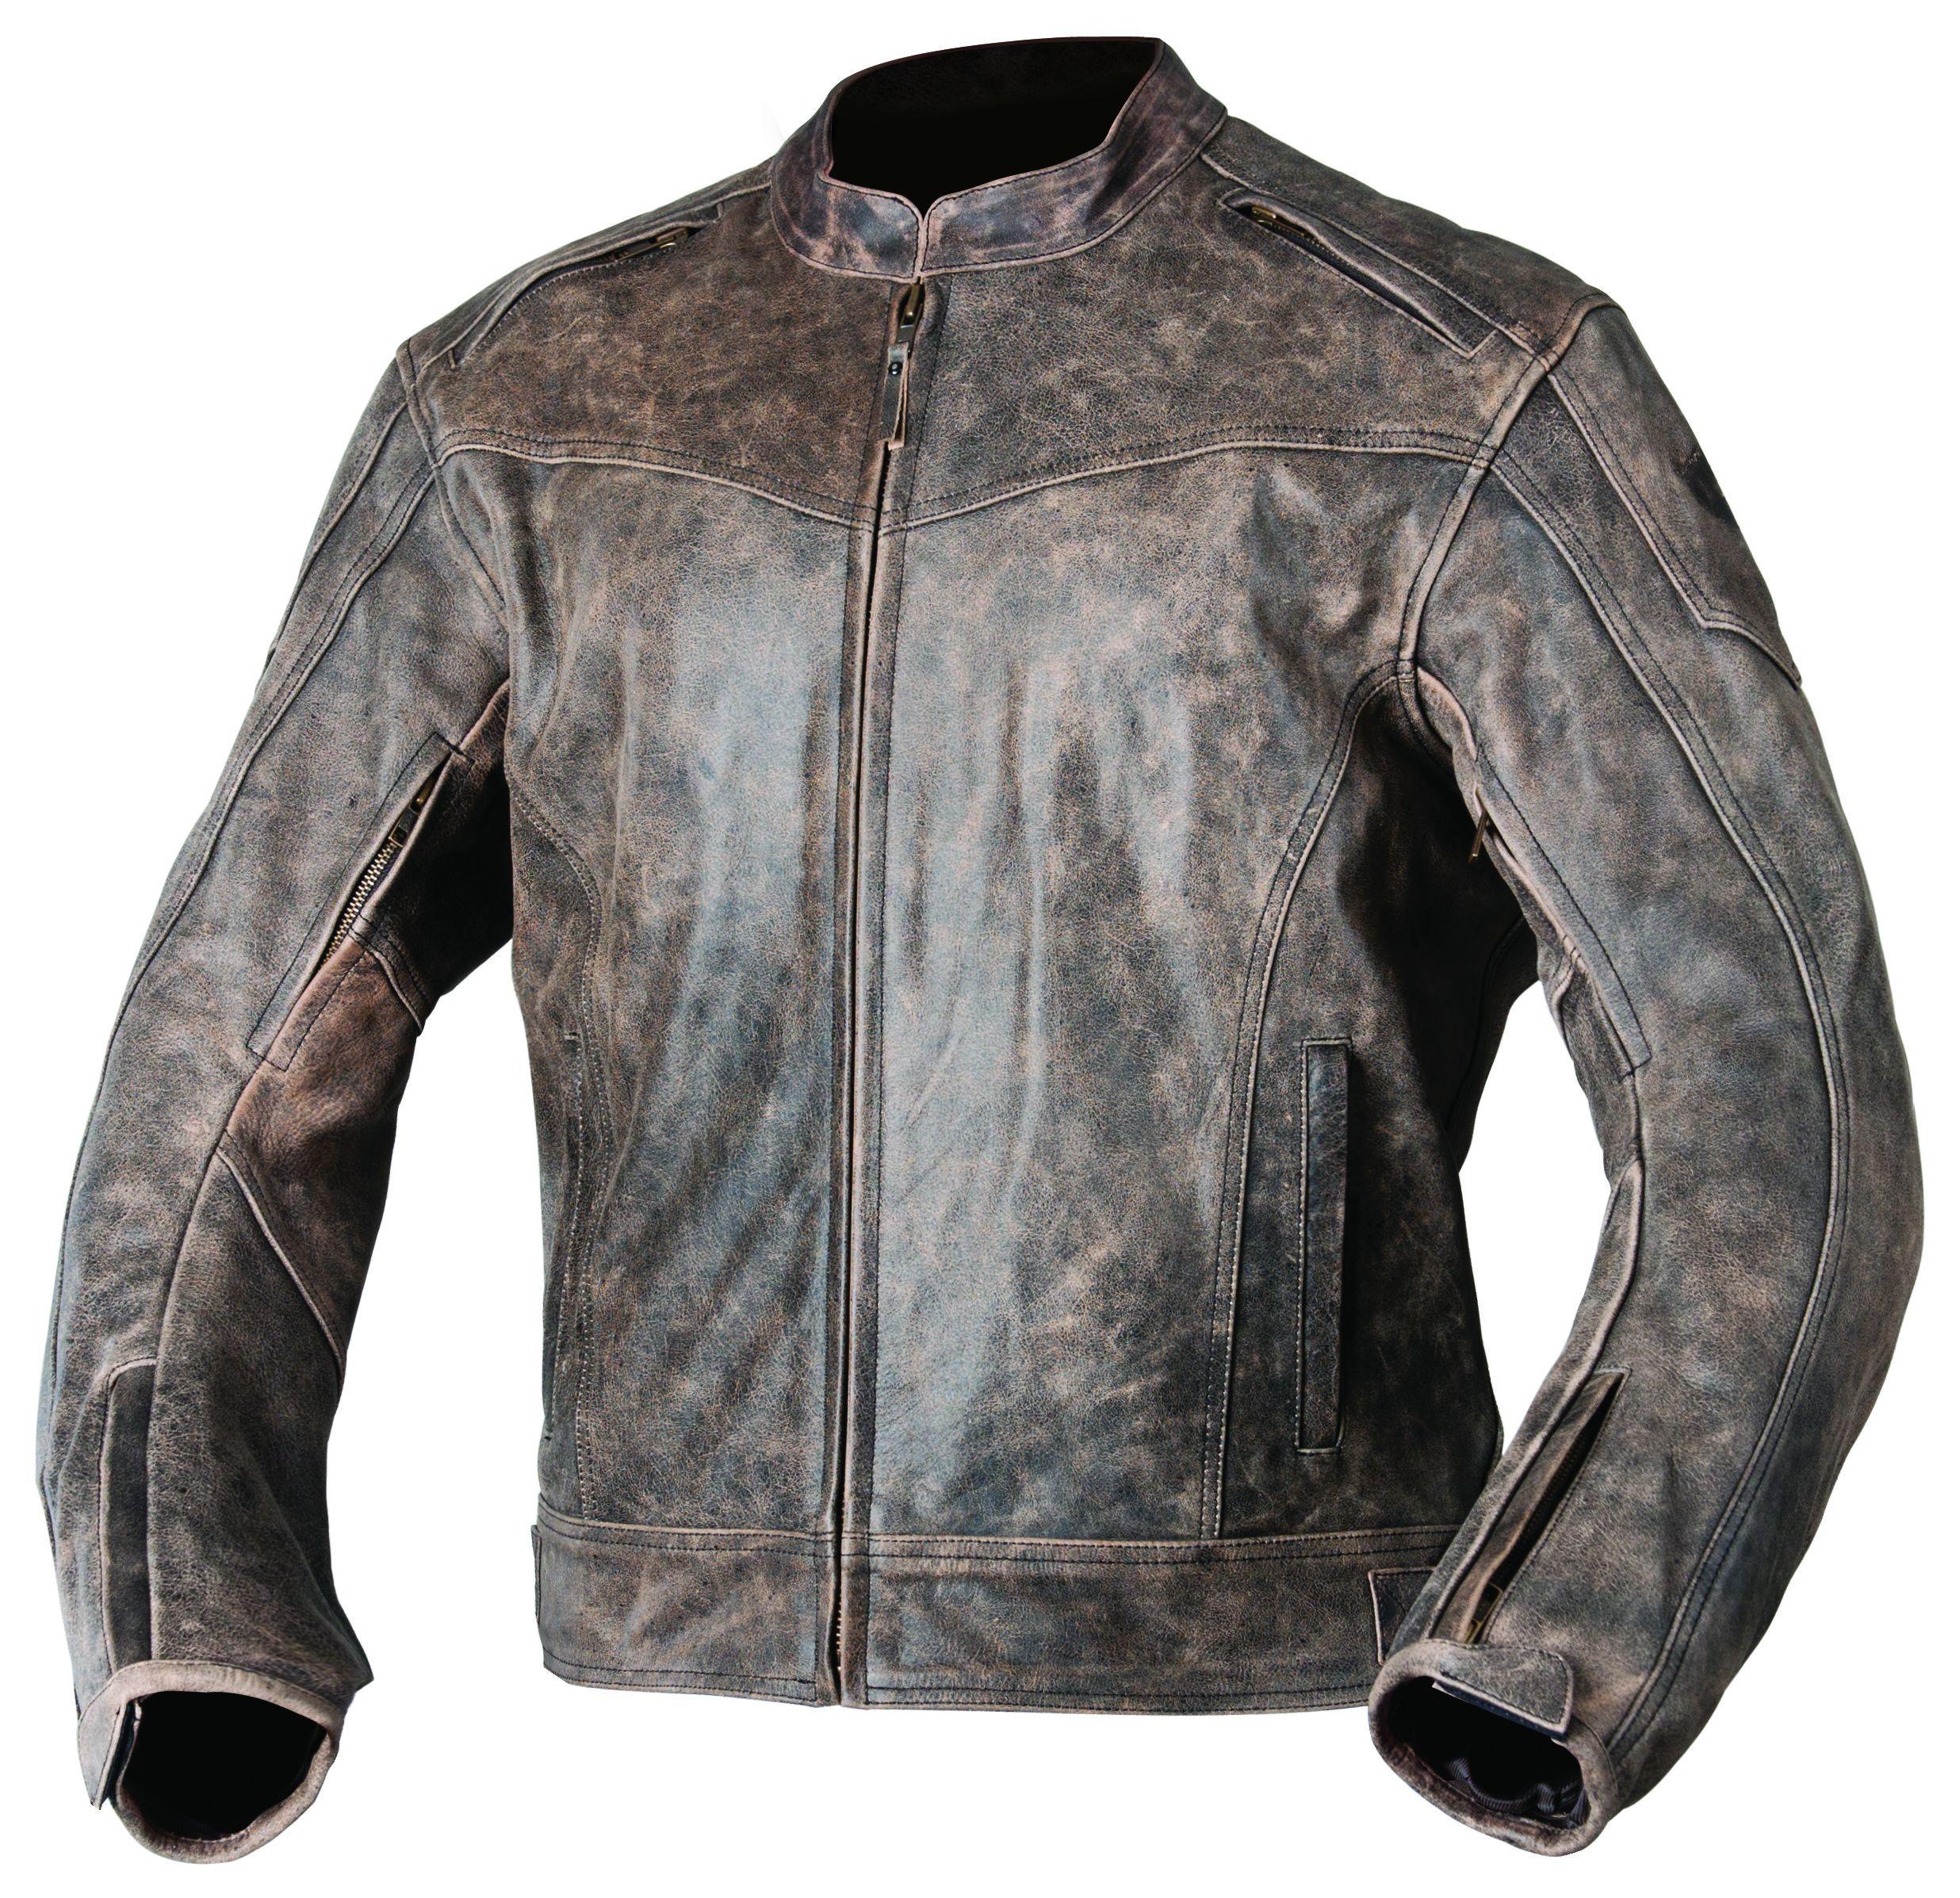 Vintage Leather Jacket >> Agv Sport Element Vintage Leather Jacket